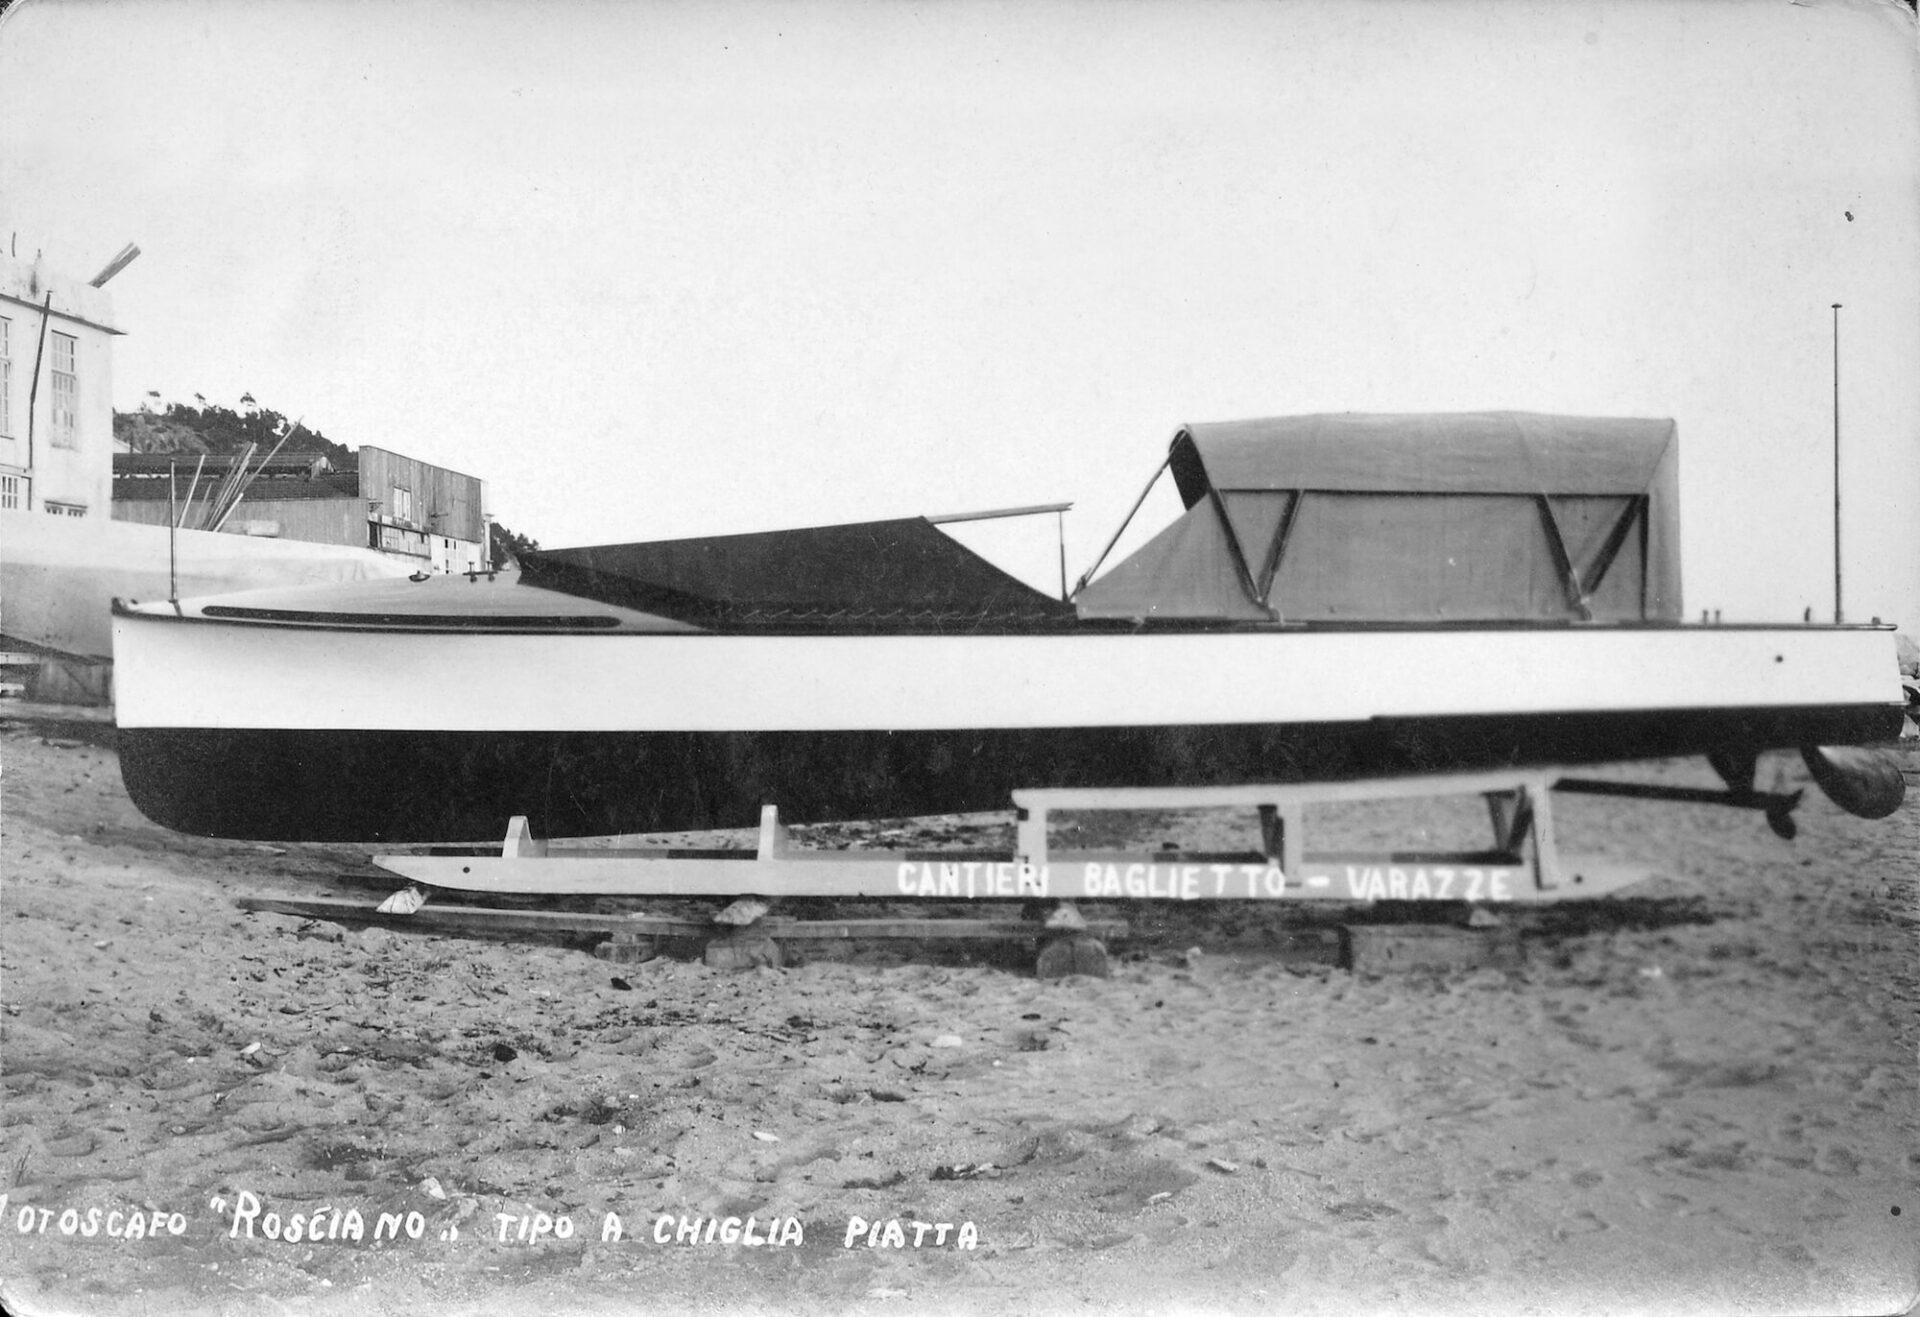 1935- Motoscafo a chiglia piatta